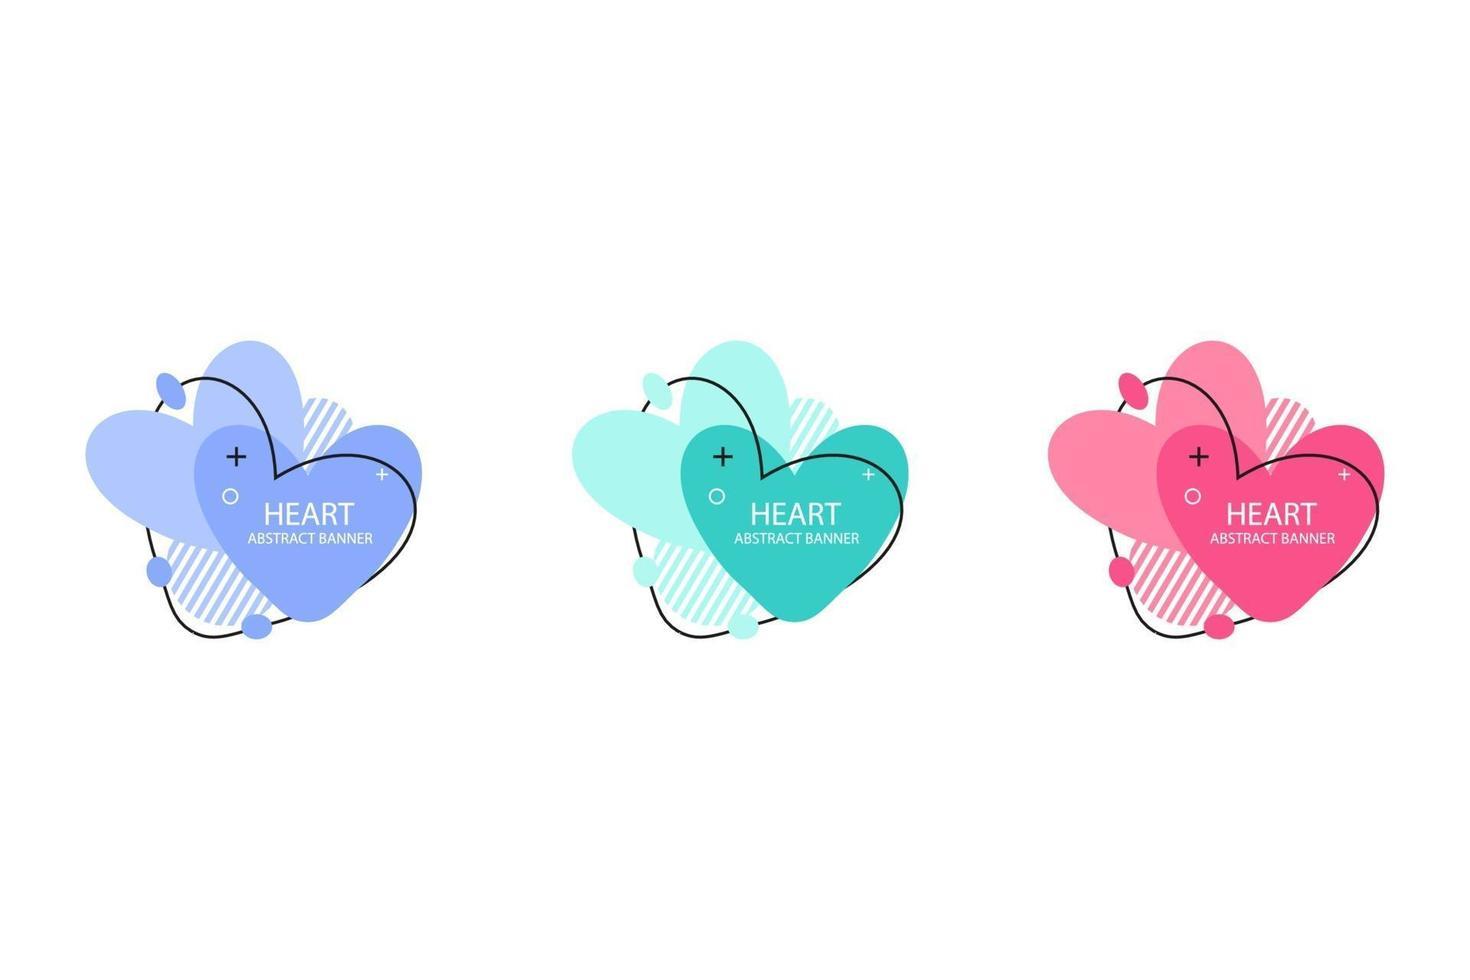 två hjärtans abstrakta banersamling. organiska eller flytande former med olika mjuka färger. användbar för webb, sociala medier, tryck, banner, bakgrund, bakgrundsmall. Alla hjärtans dag firande vektor